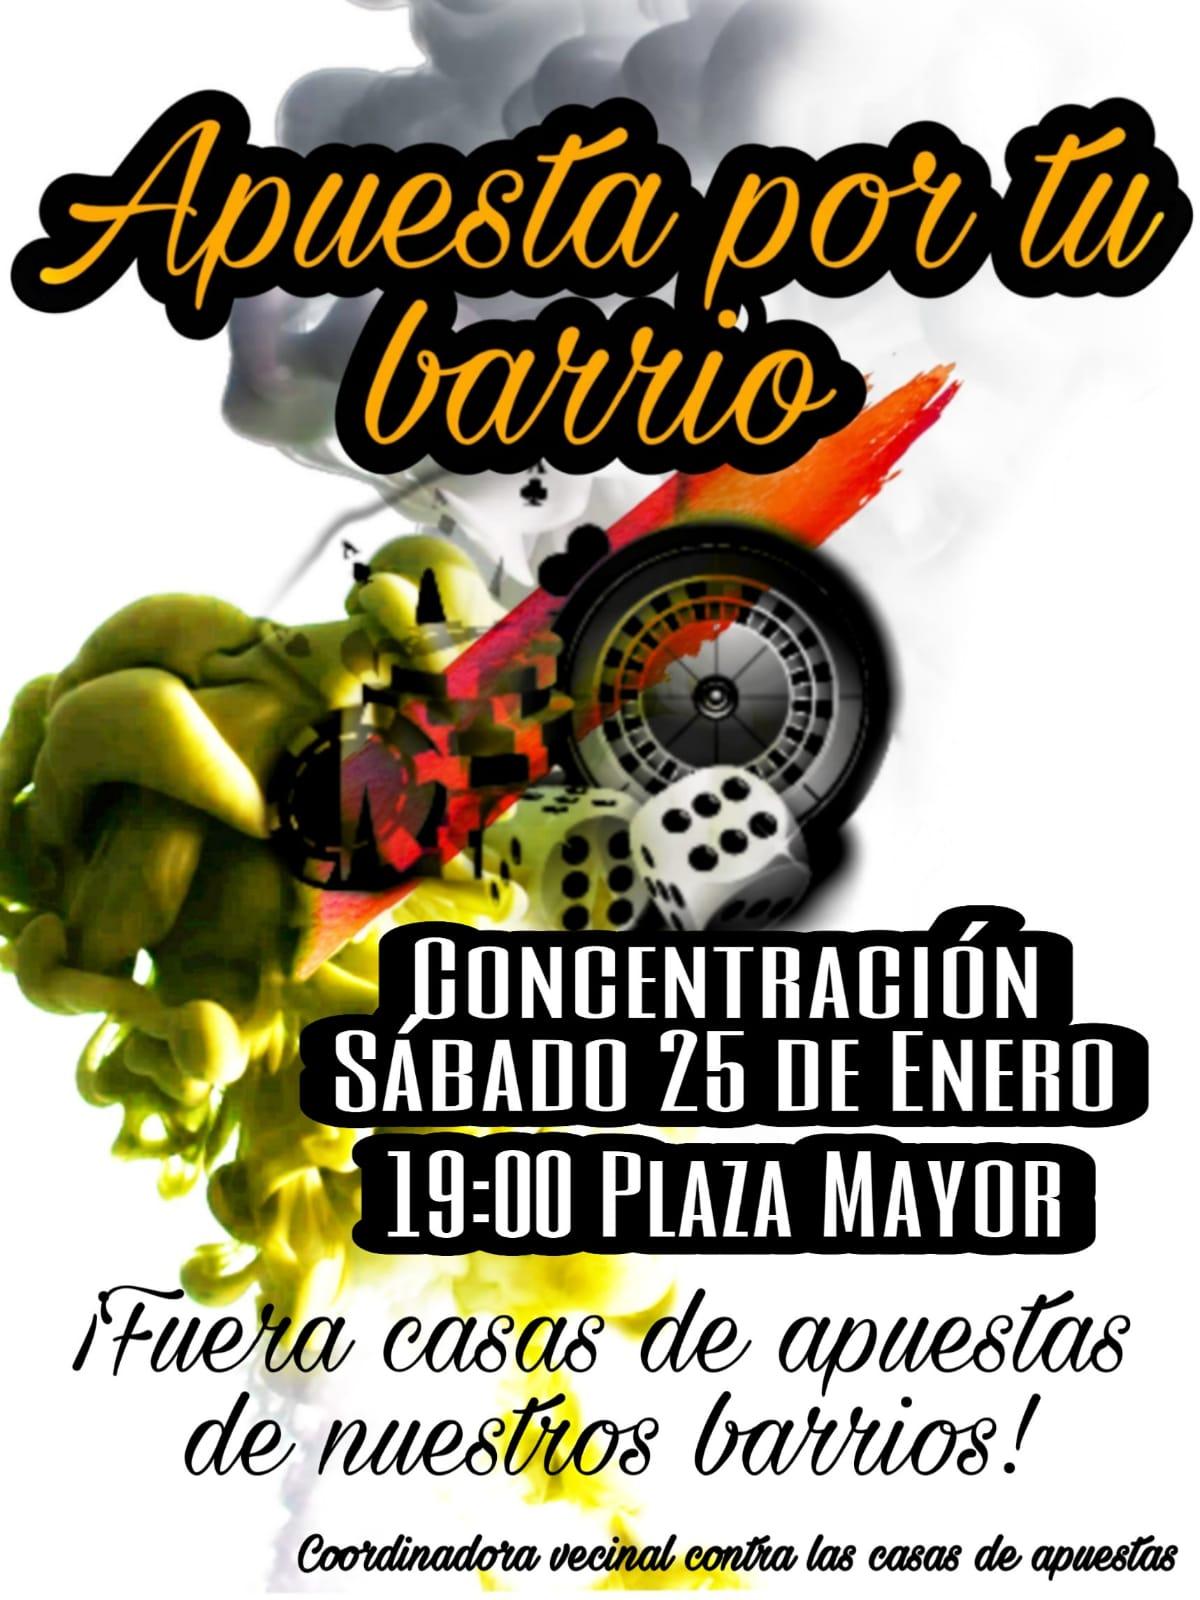 Concentración contra casas de apuestas en barrios de Salamanca 25 Enero 2020